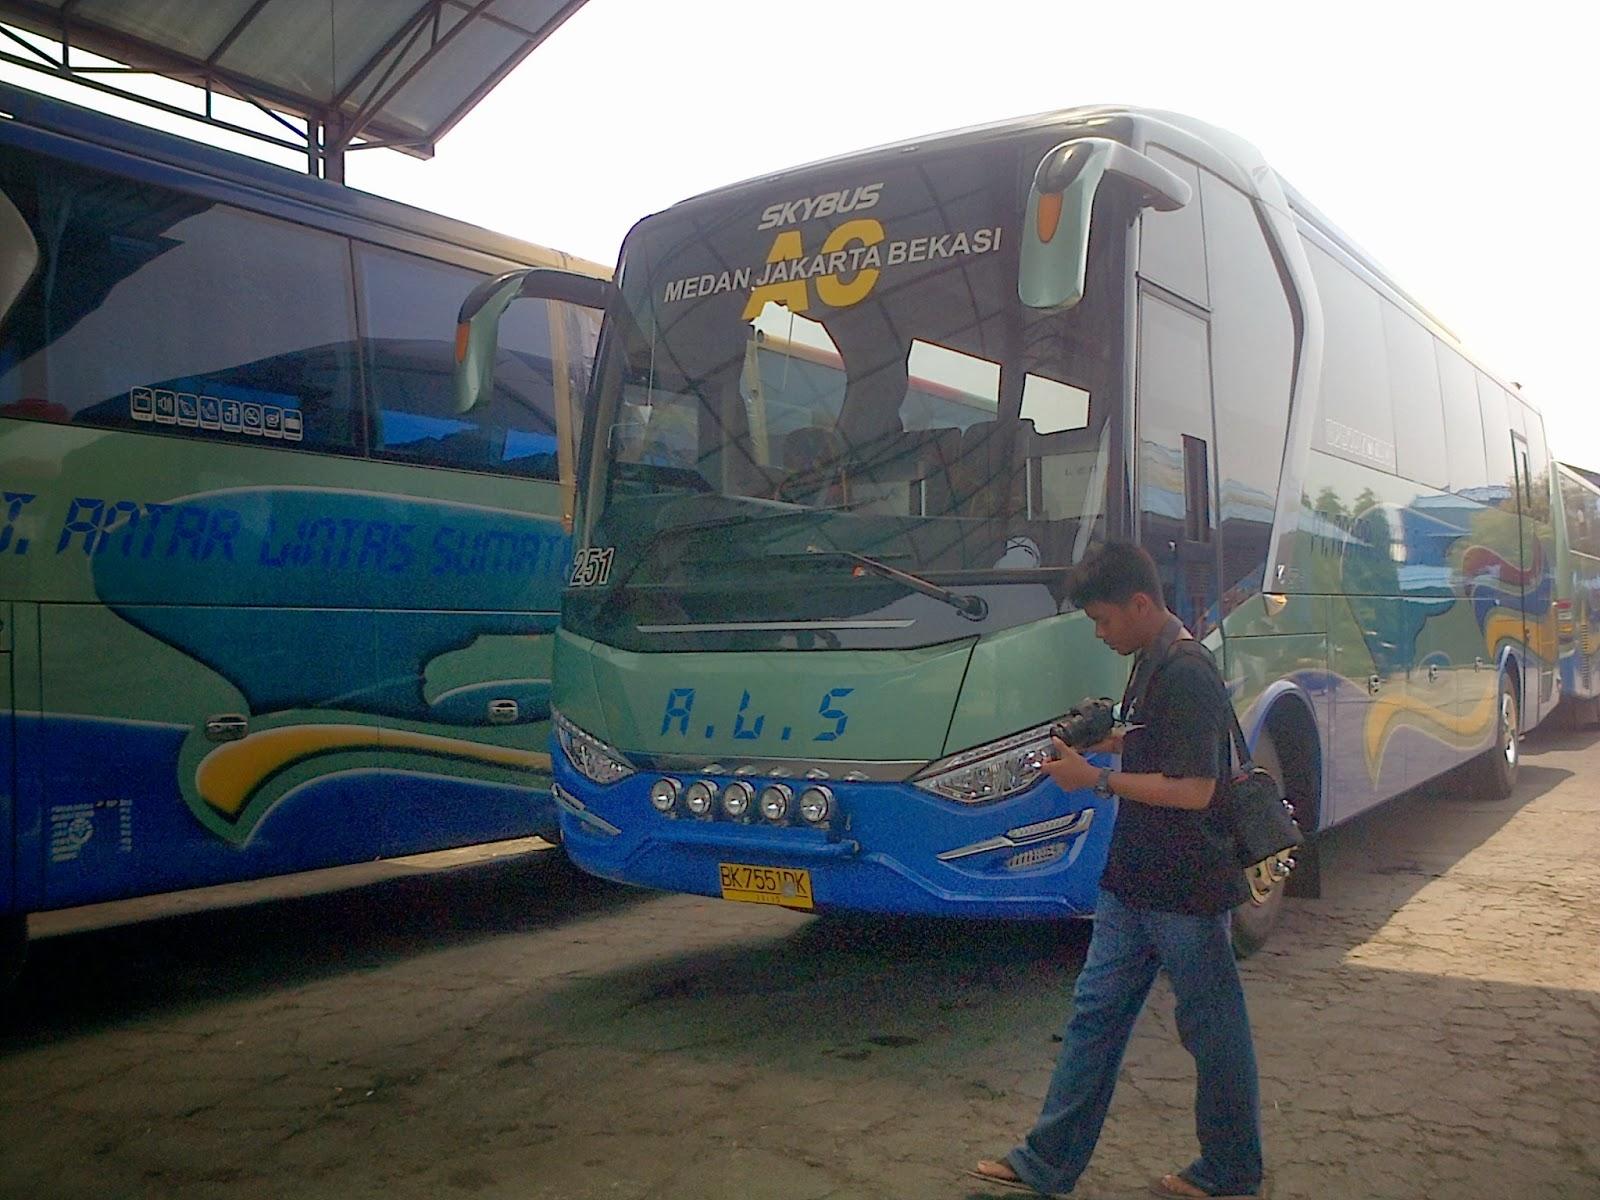 Bang Imam Berbagi Berapa Ongkos Bus Als Jakarta Medan